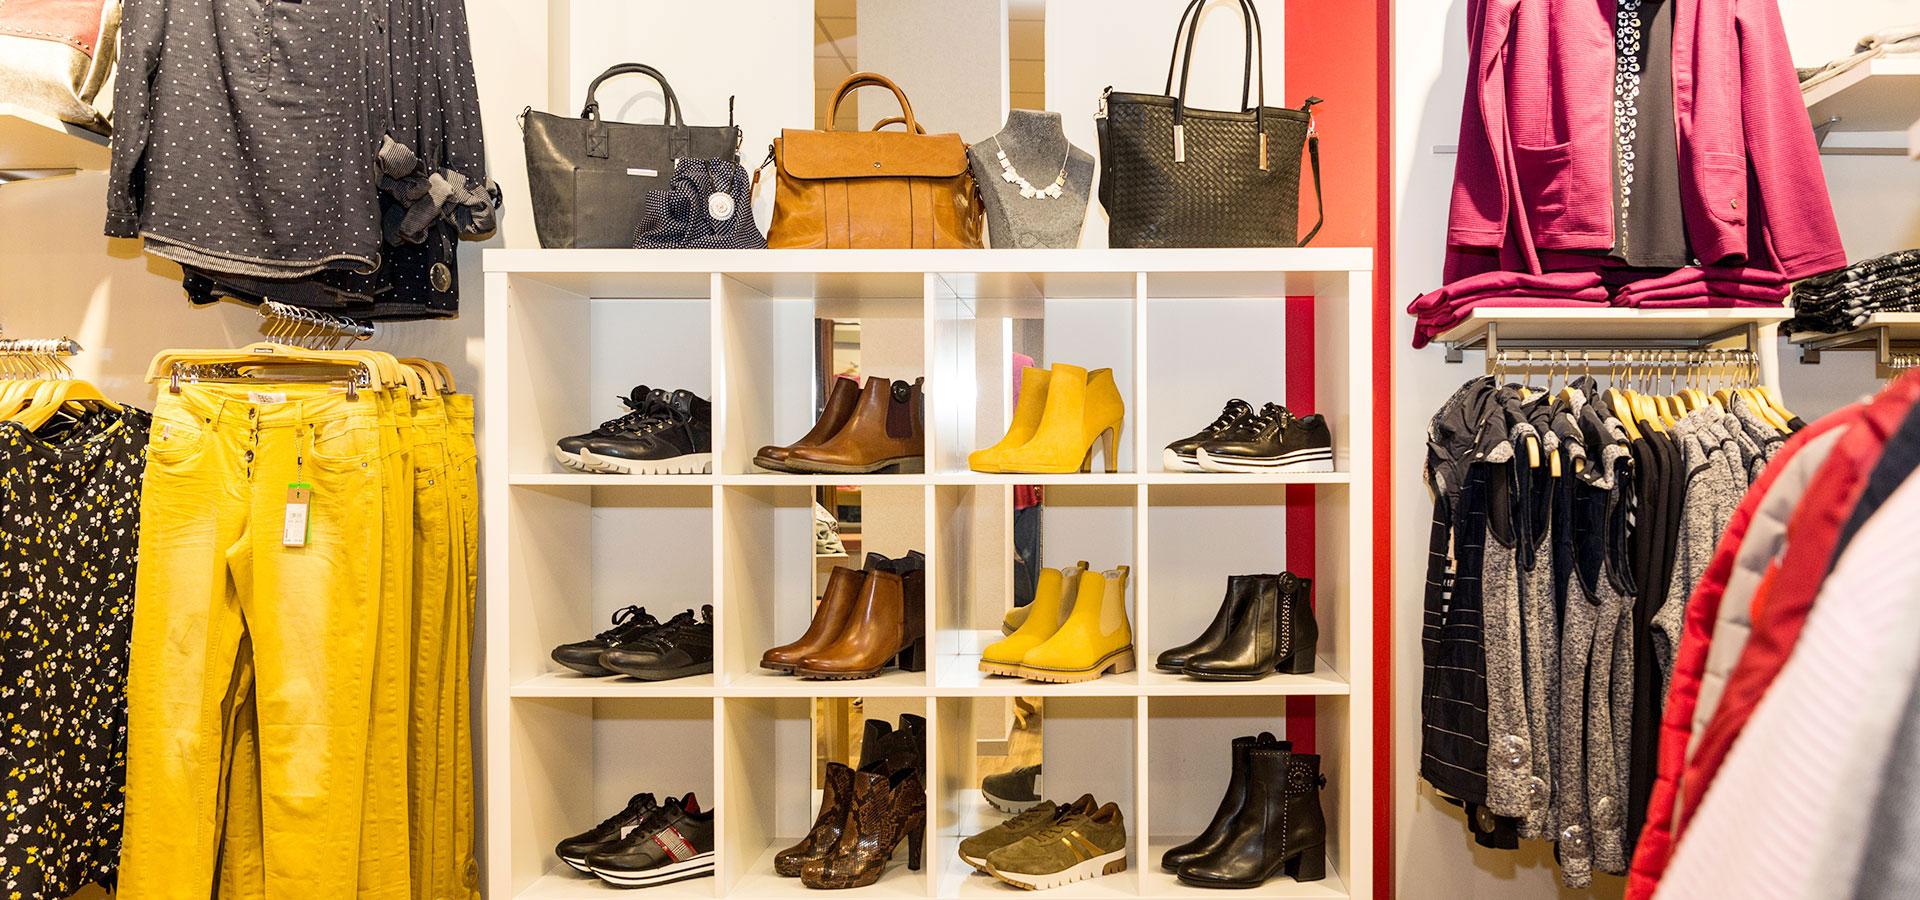 Schuhe I Mode Deppenkemper, Ostwennemarstraße 100, 59071 Hamm